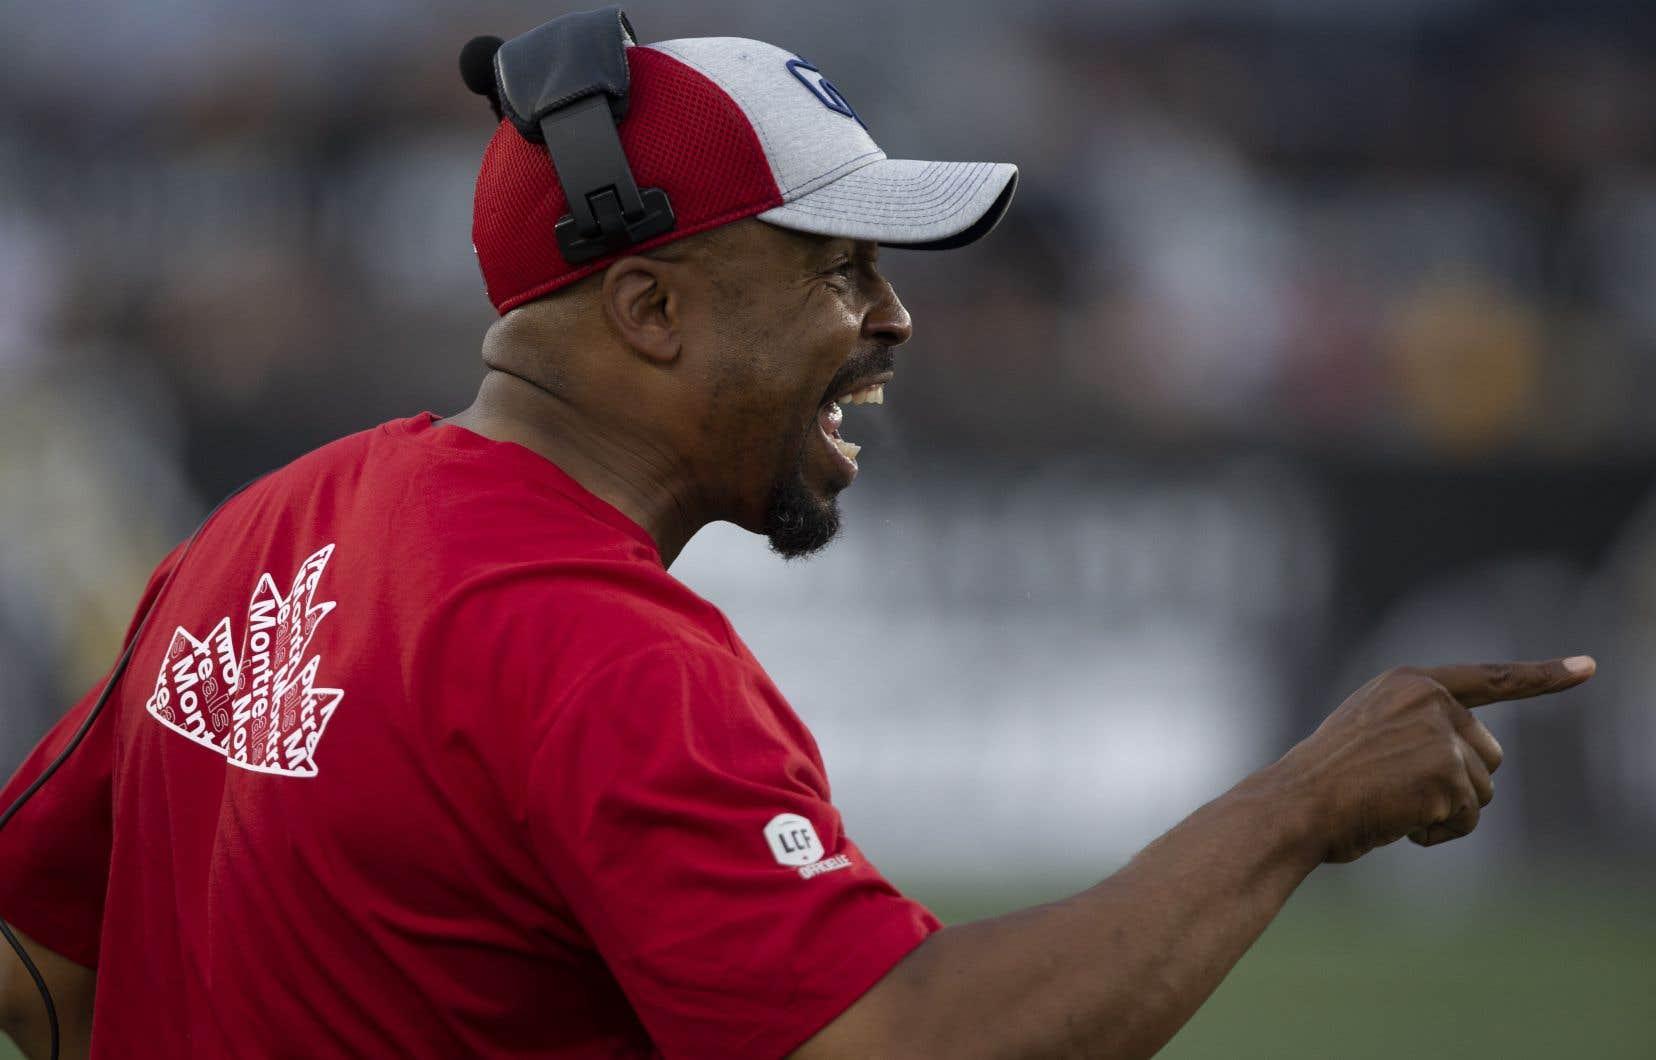 Le nouvel entraîneur-chef des Alouettes, Khari Jones, a pu inscrire sa première victoire dans la Ligue canadienne de football à son troisième match grâce à une stratégie privilégiant le jeu au sol.